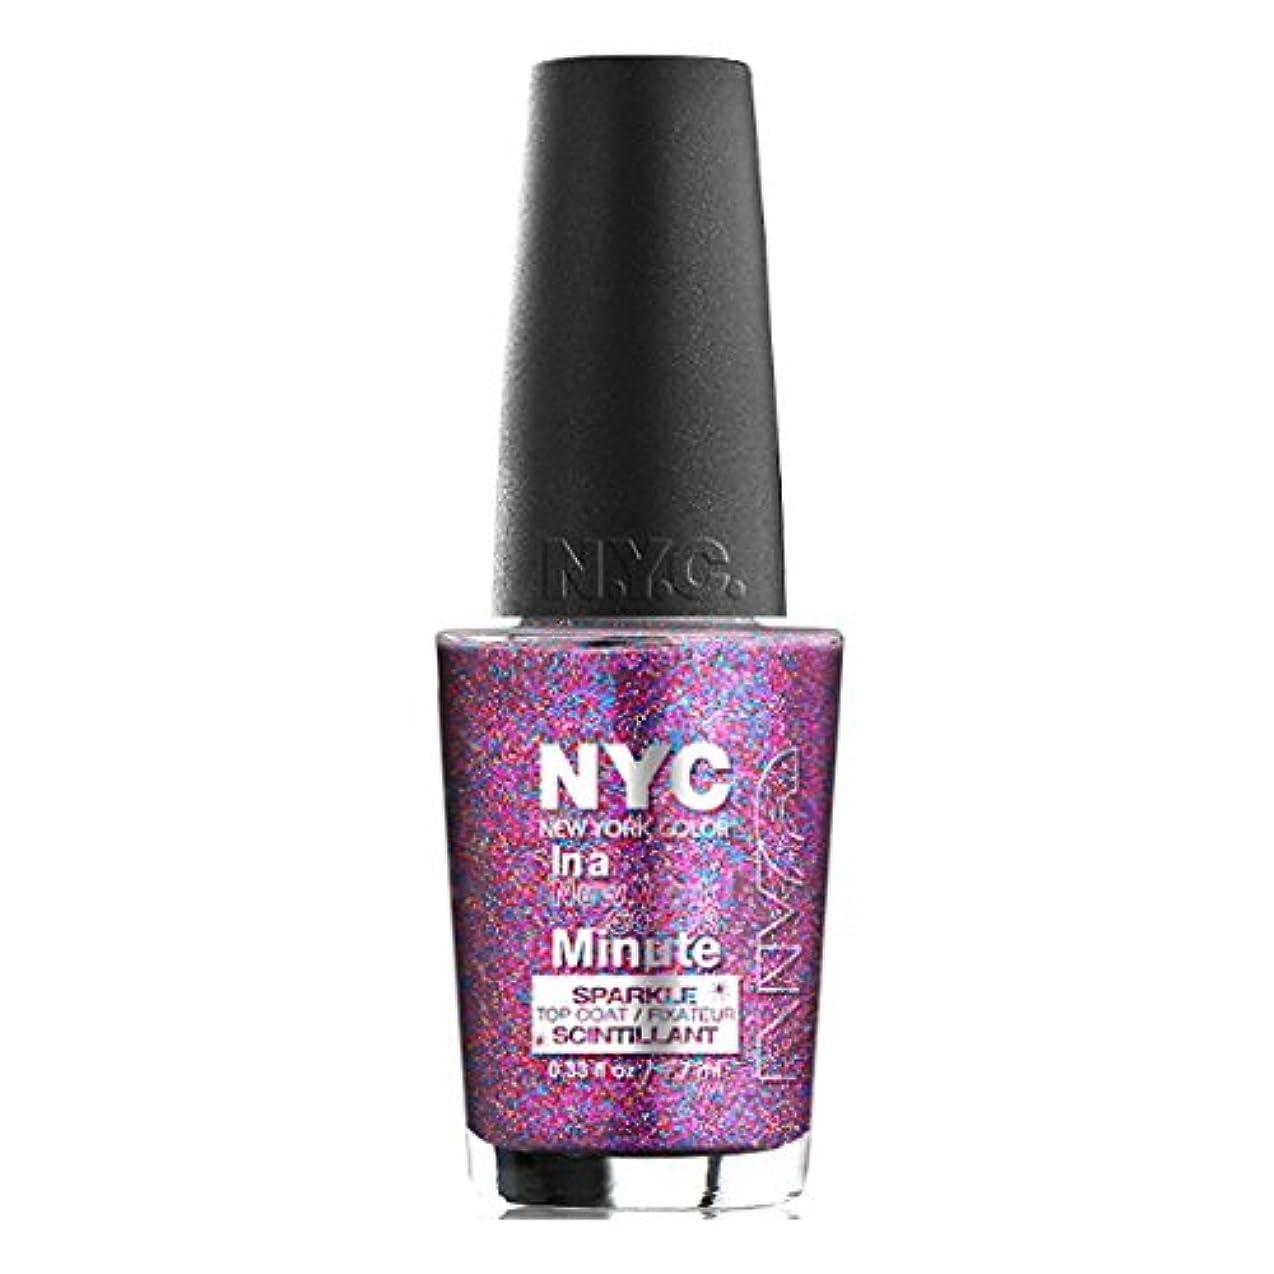 高揚した自動車仕立て屋NYC In A New York Color Minute Sparkle Top Coat Big City Dazzle (並行輸入品)